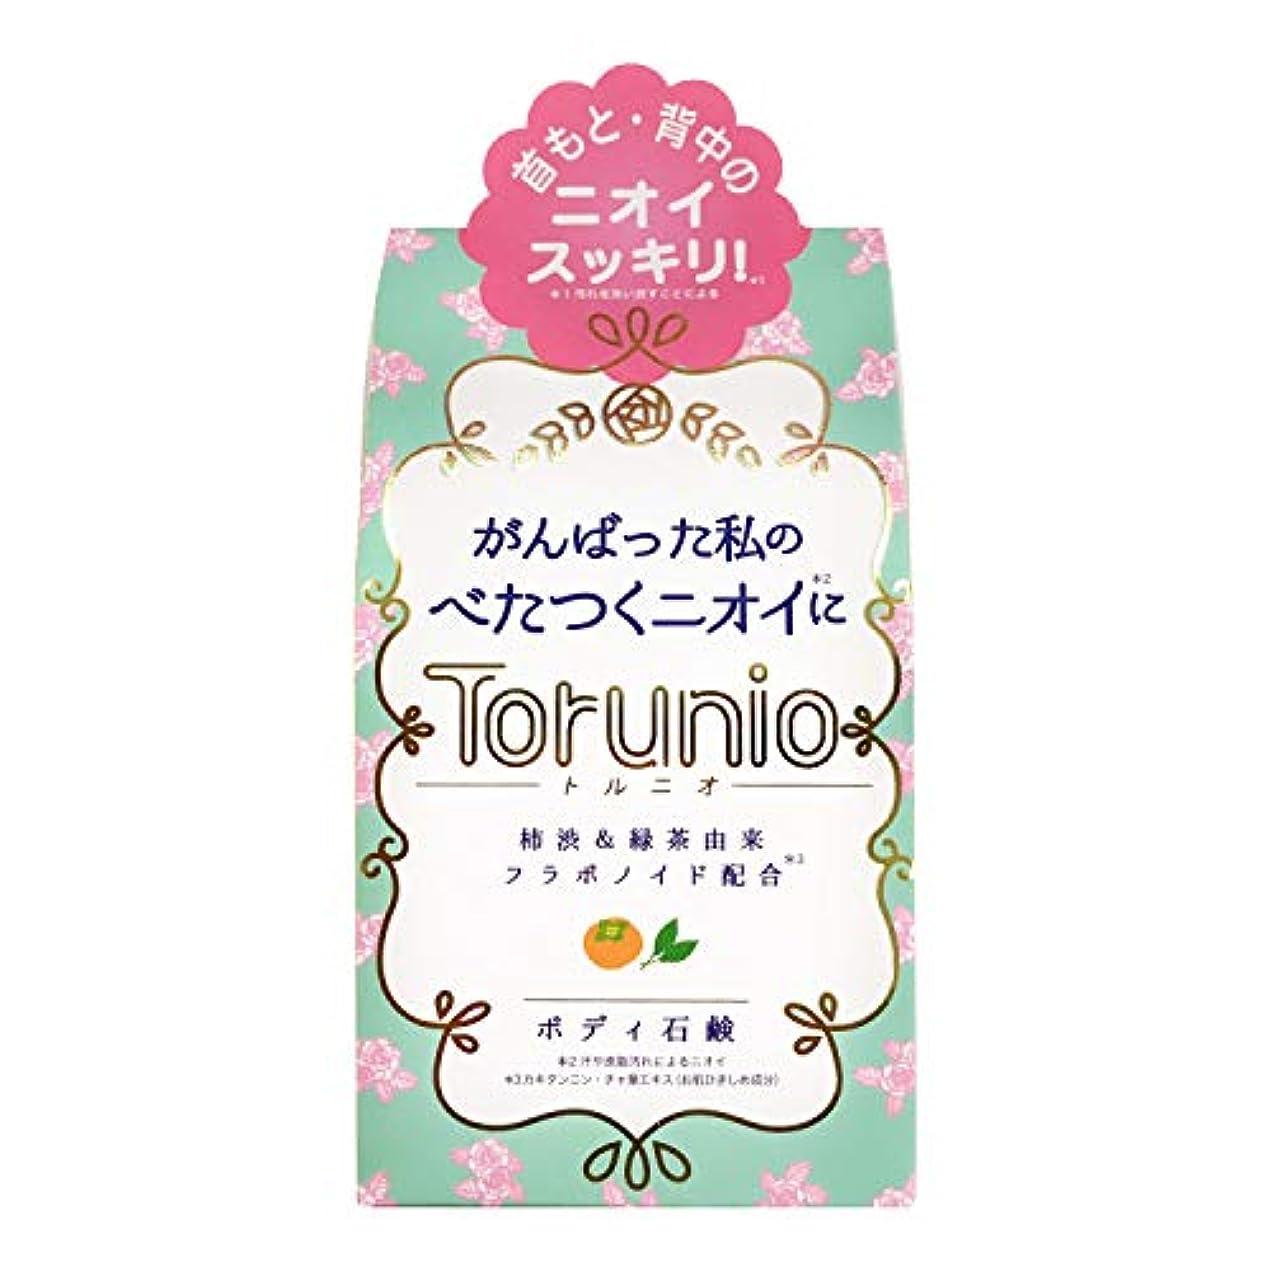 成功したヶ月目課すTorunio(トルニオ)石鹸 100g